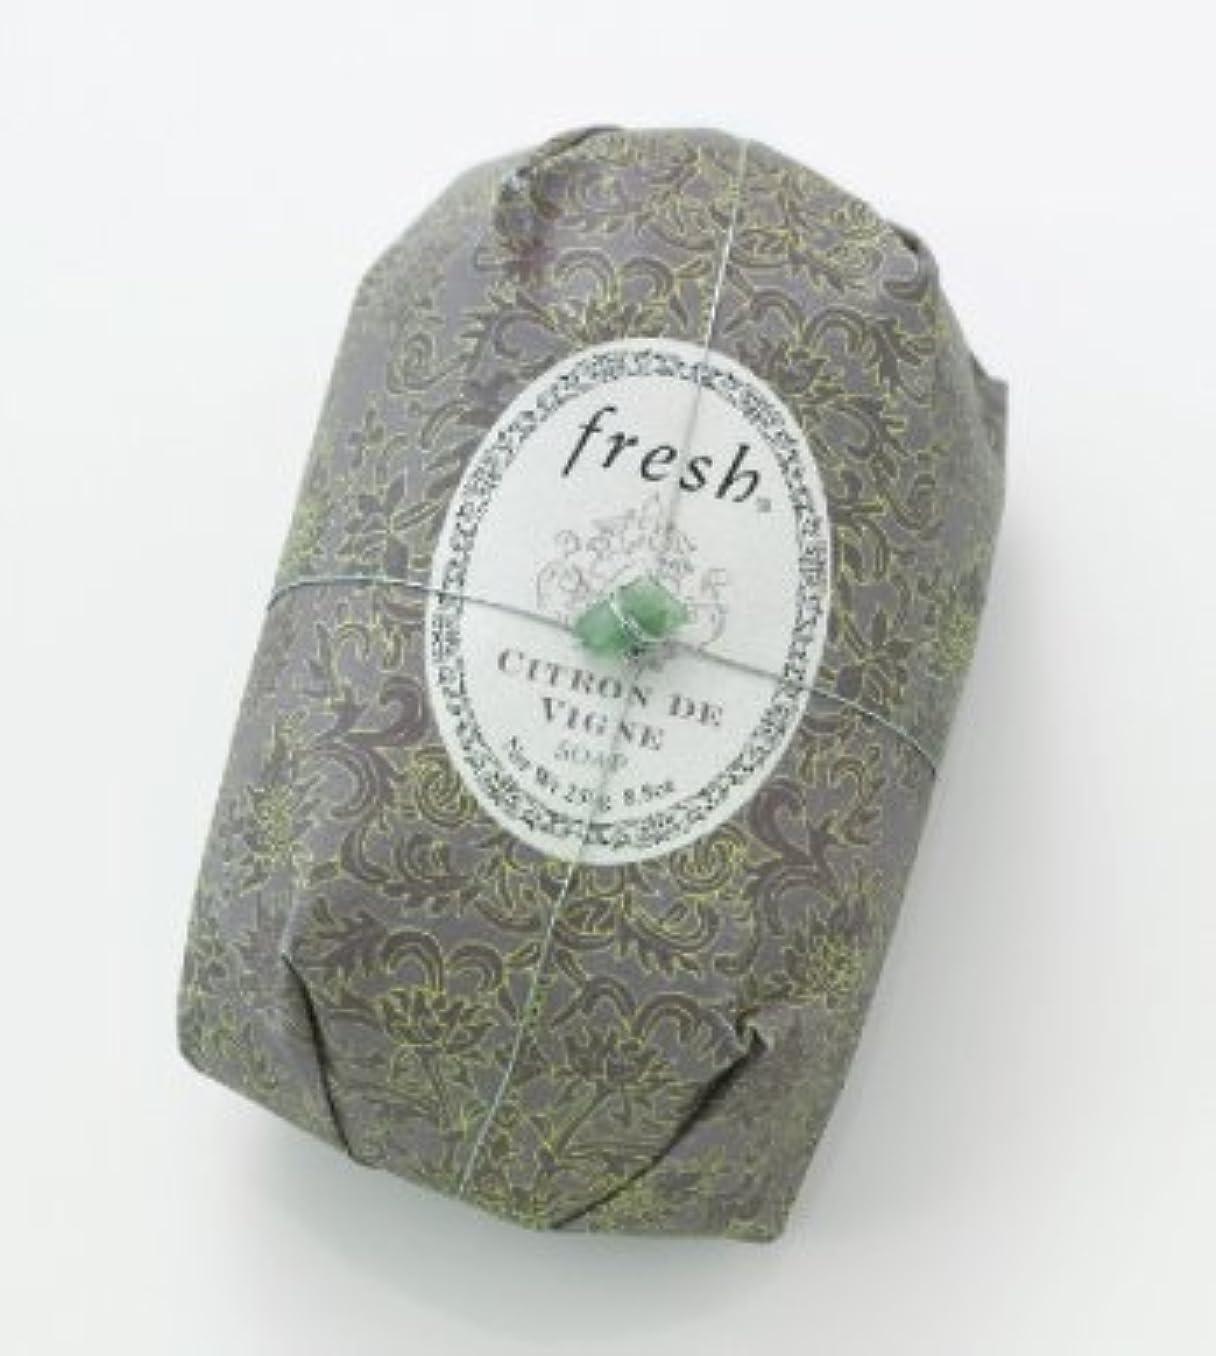 子音鼻そのFresh CITRON DE VIGNE SOAP (フレッシュ シトロンデヴァイン ソープ) 8.8 oz (250g) Soap (石鹸) by Fresh